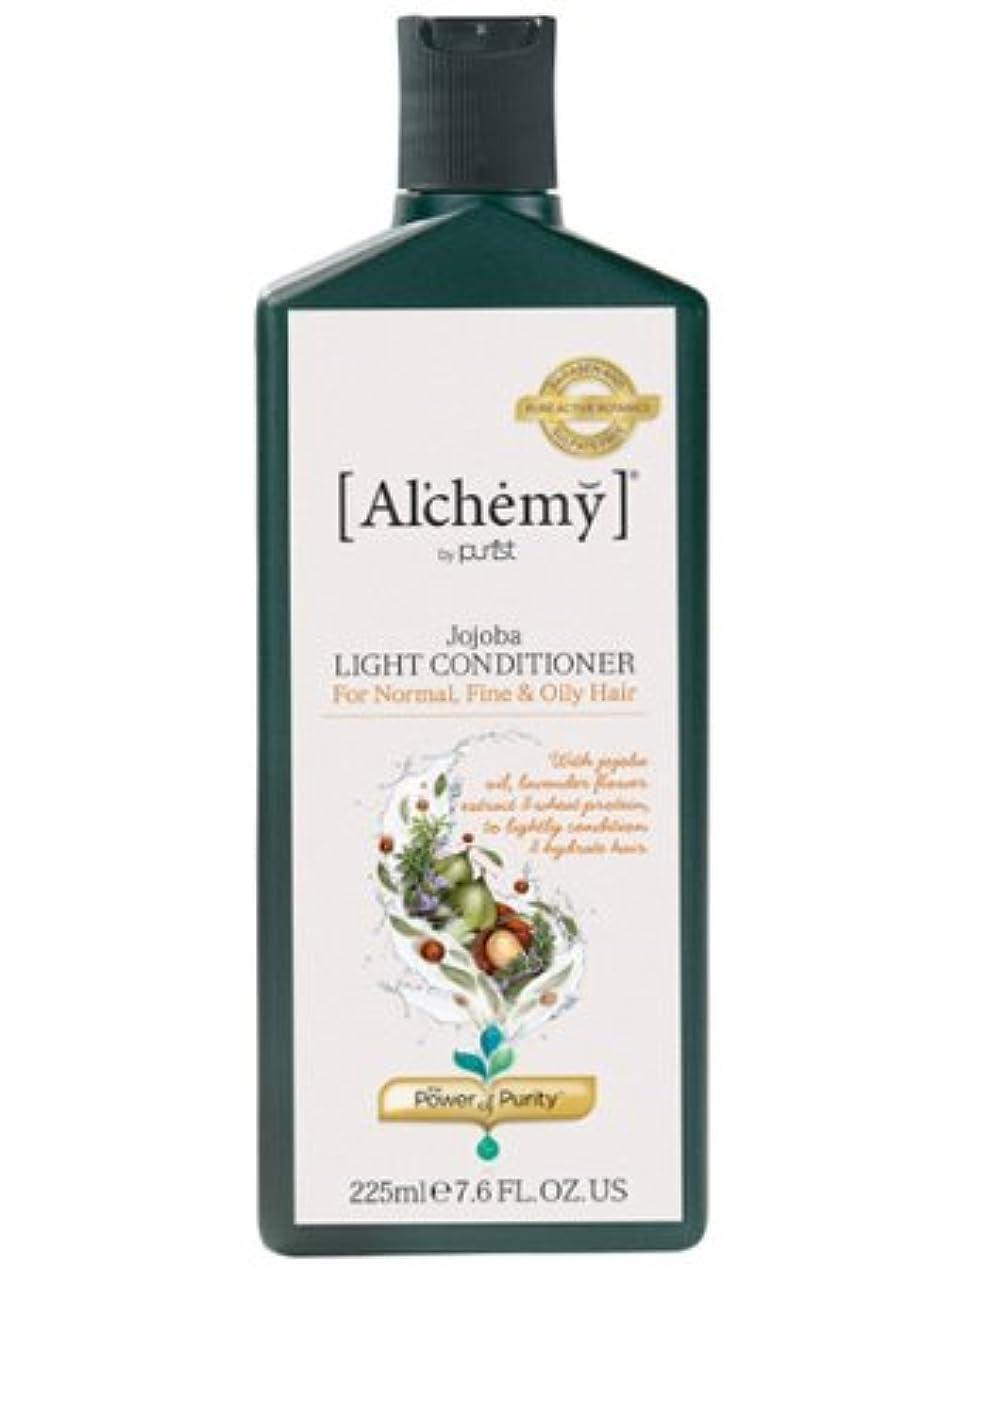 上回る実行可能不承認【Al'chemy(alchemy)】アルケミー ホホバライト コンディショナー(Jojoba, Light Conditioner)(ノーマルヘア用)225ml